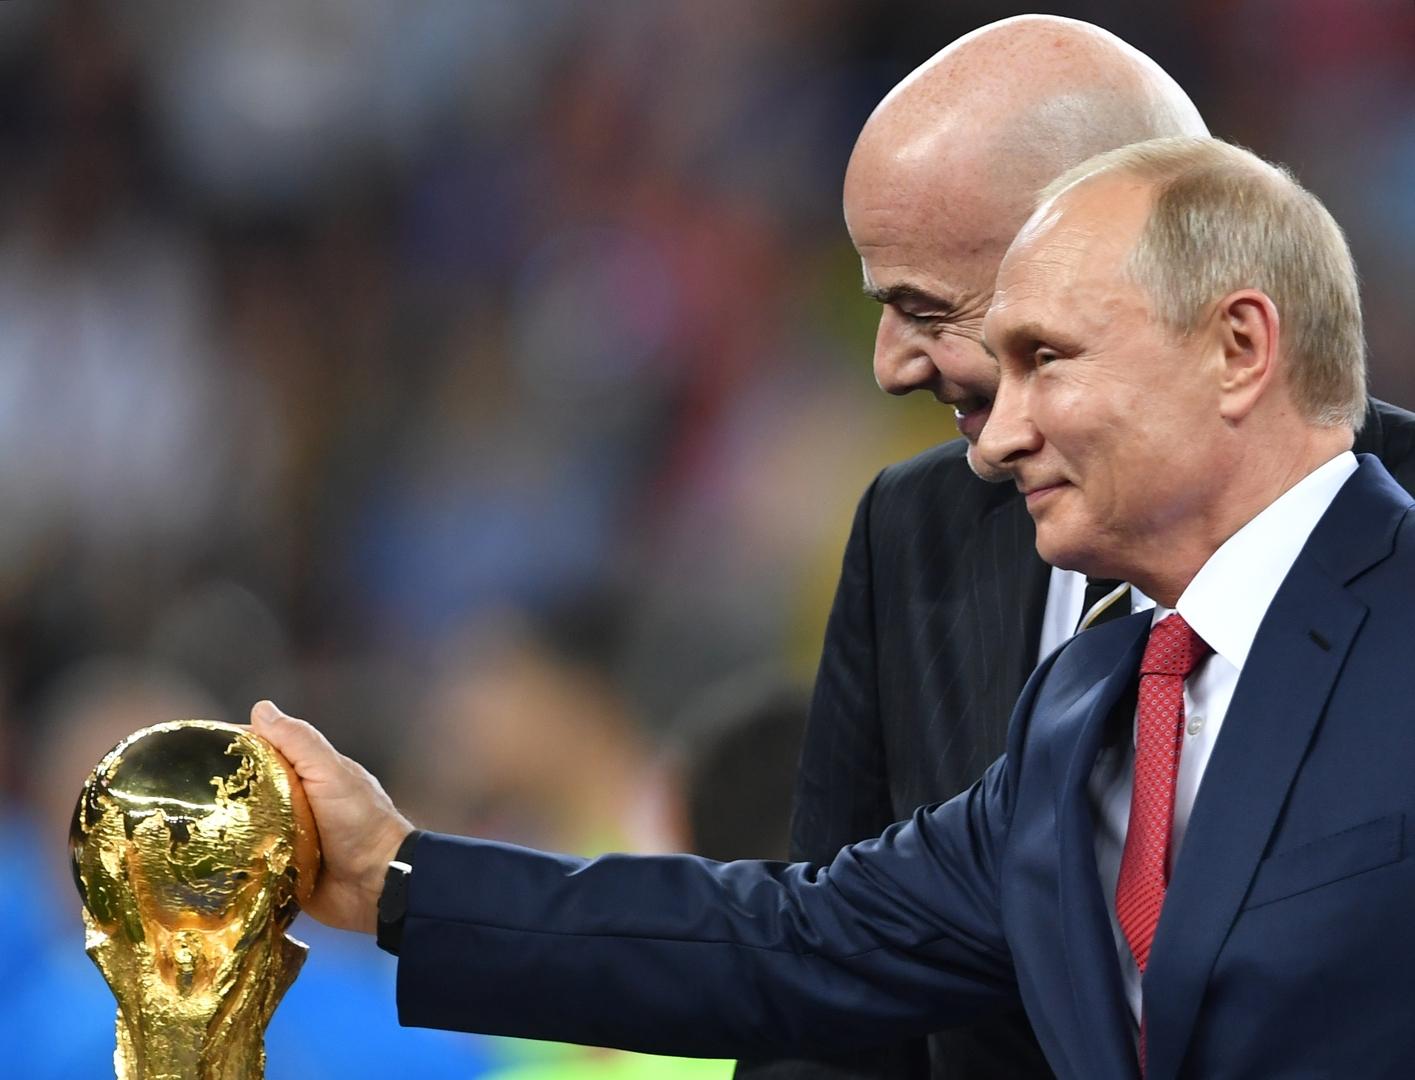 بوتين يوجه الحكومة الروسية بالمساعدة في تنظيم مونديال قطر